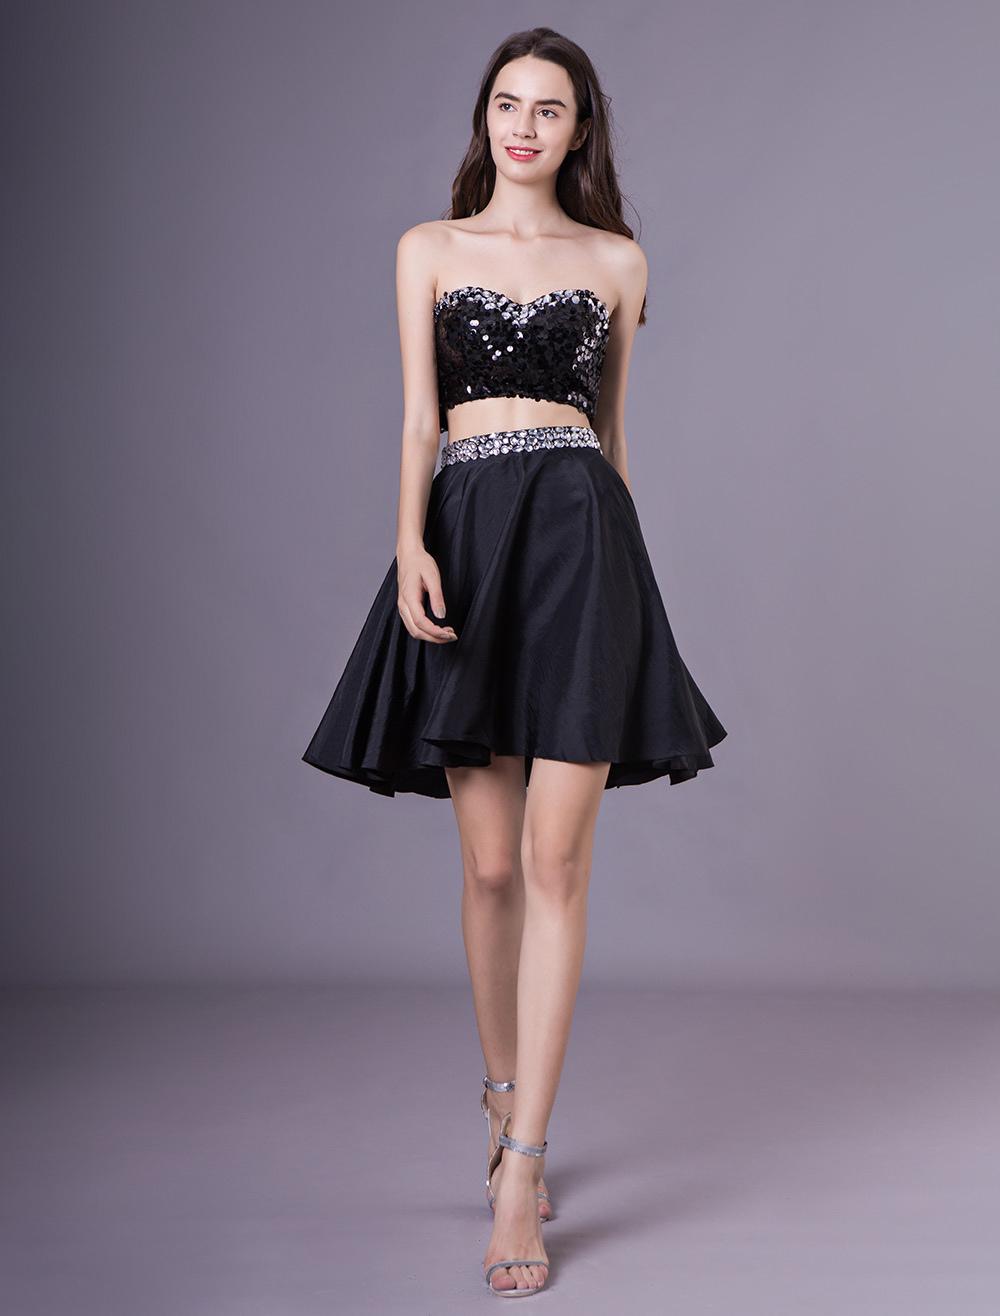 90743974e7be Cheap Little Black Dresses Online Store, Hot Little Black Cocktail Dresses  | Milanoo.com